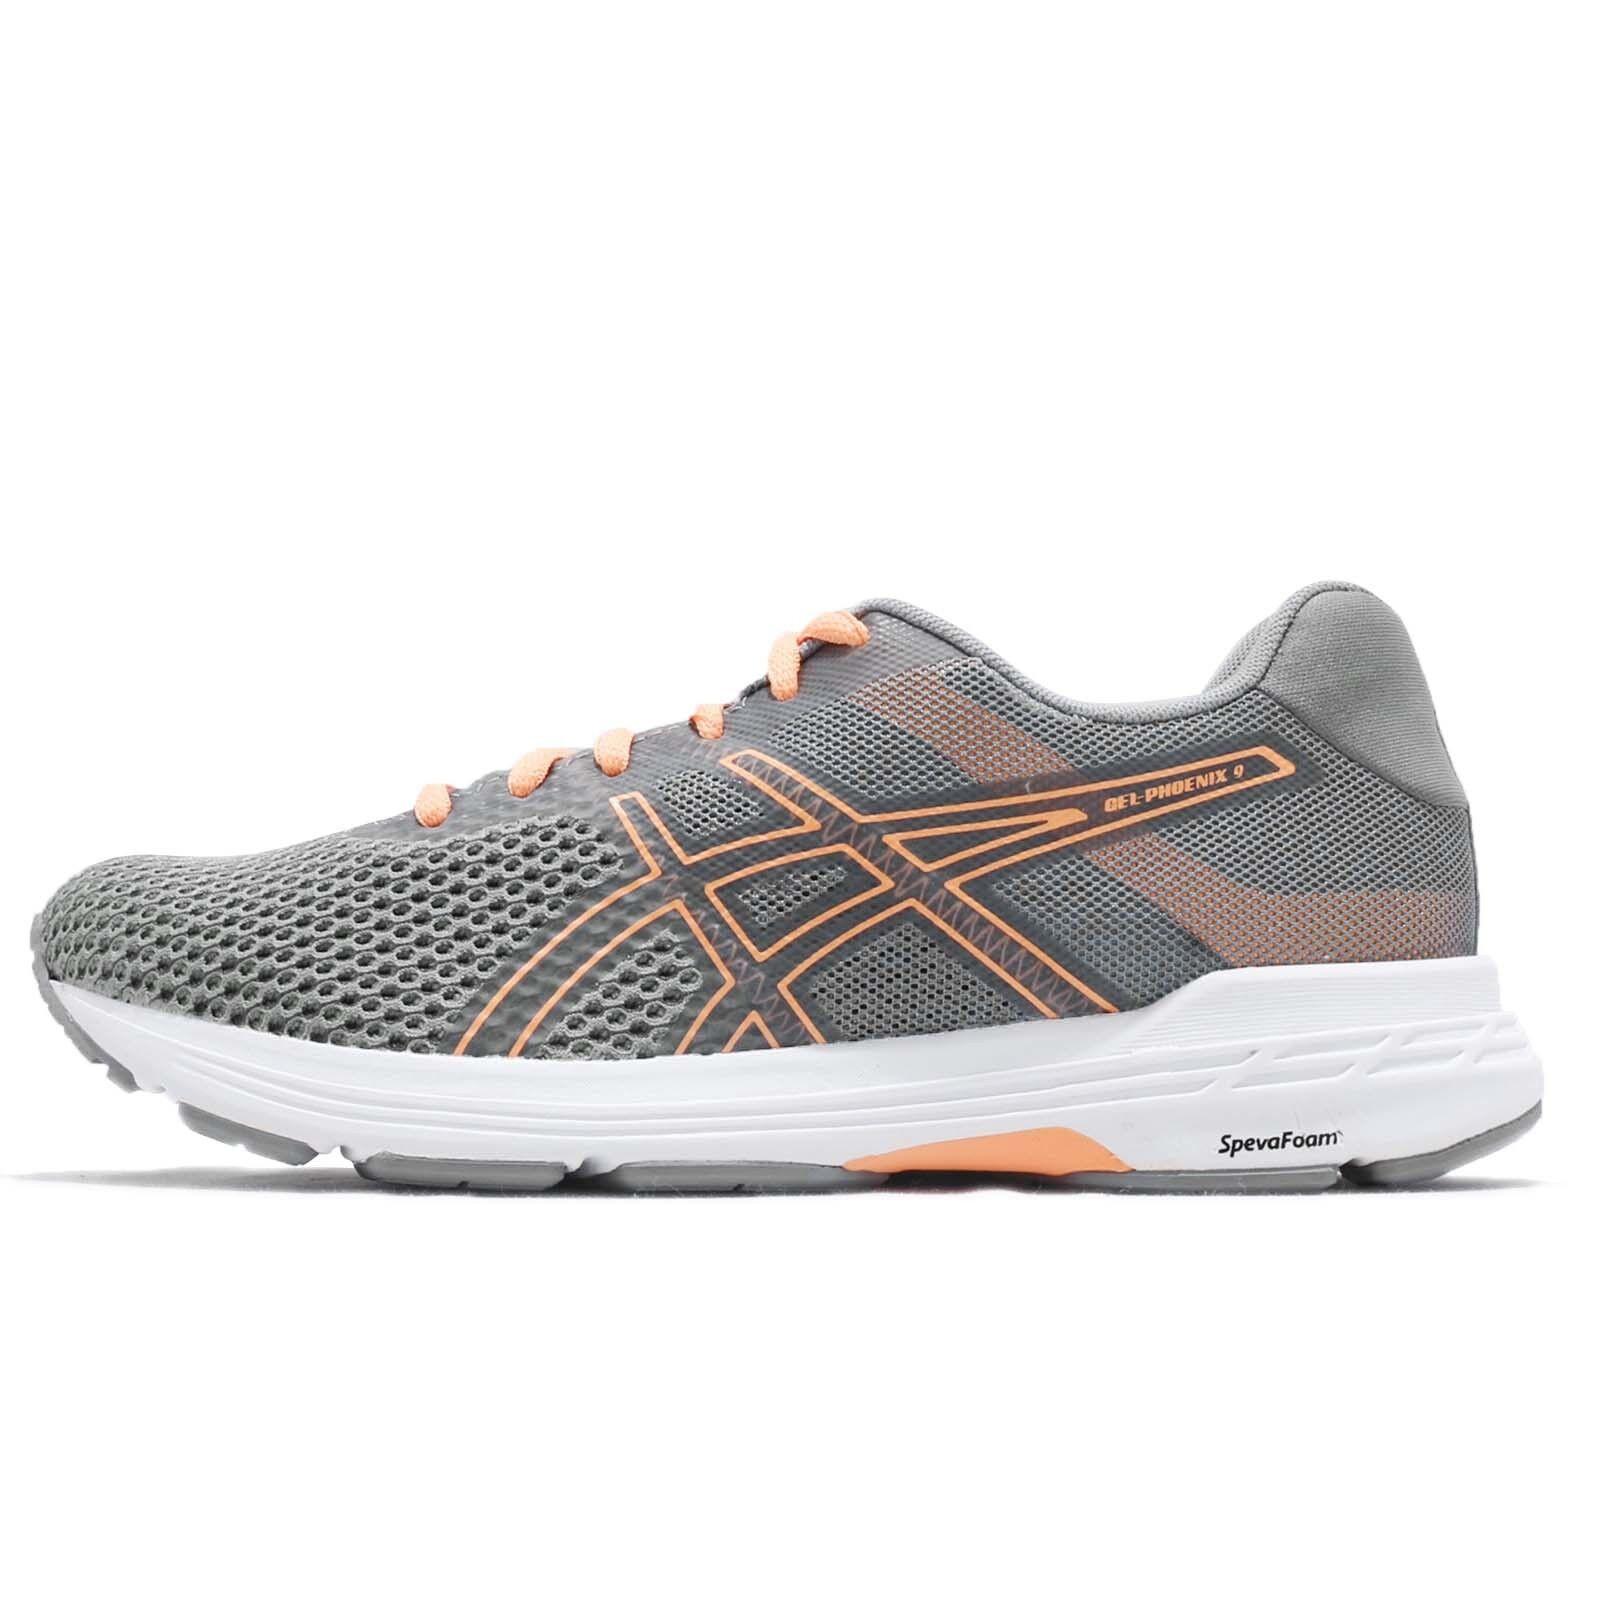 Asics Gel-Phoenix 9 gris Naranja blancoo para Mujeres Mujeres Mujeres Running Zapatos TENIS T872N-020  ahorra hasta un 50%